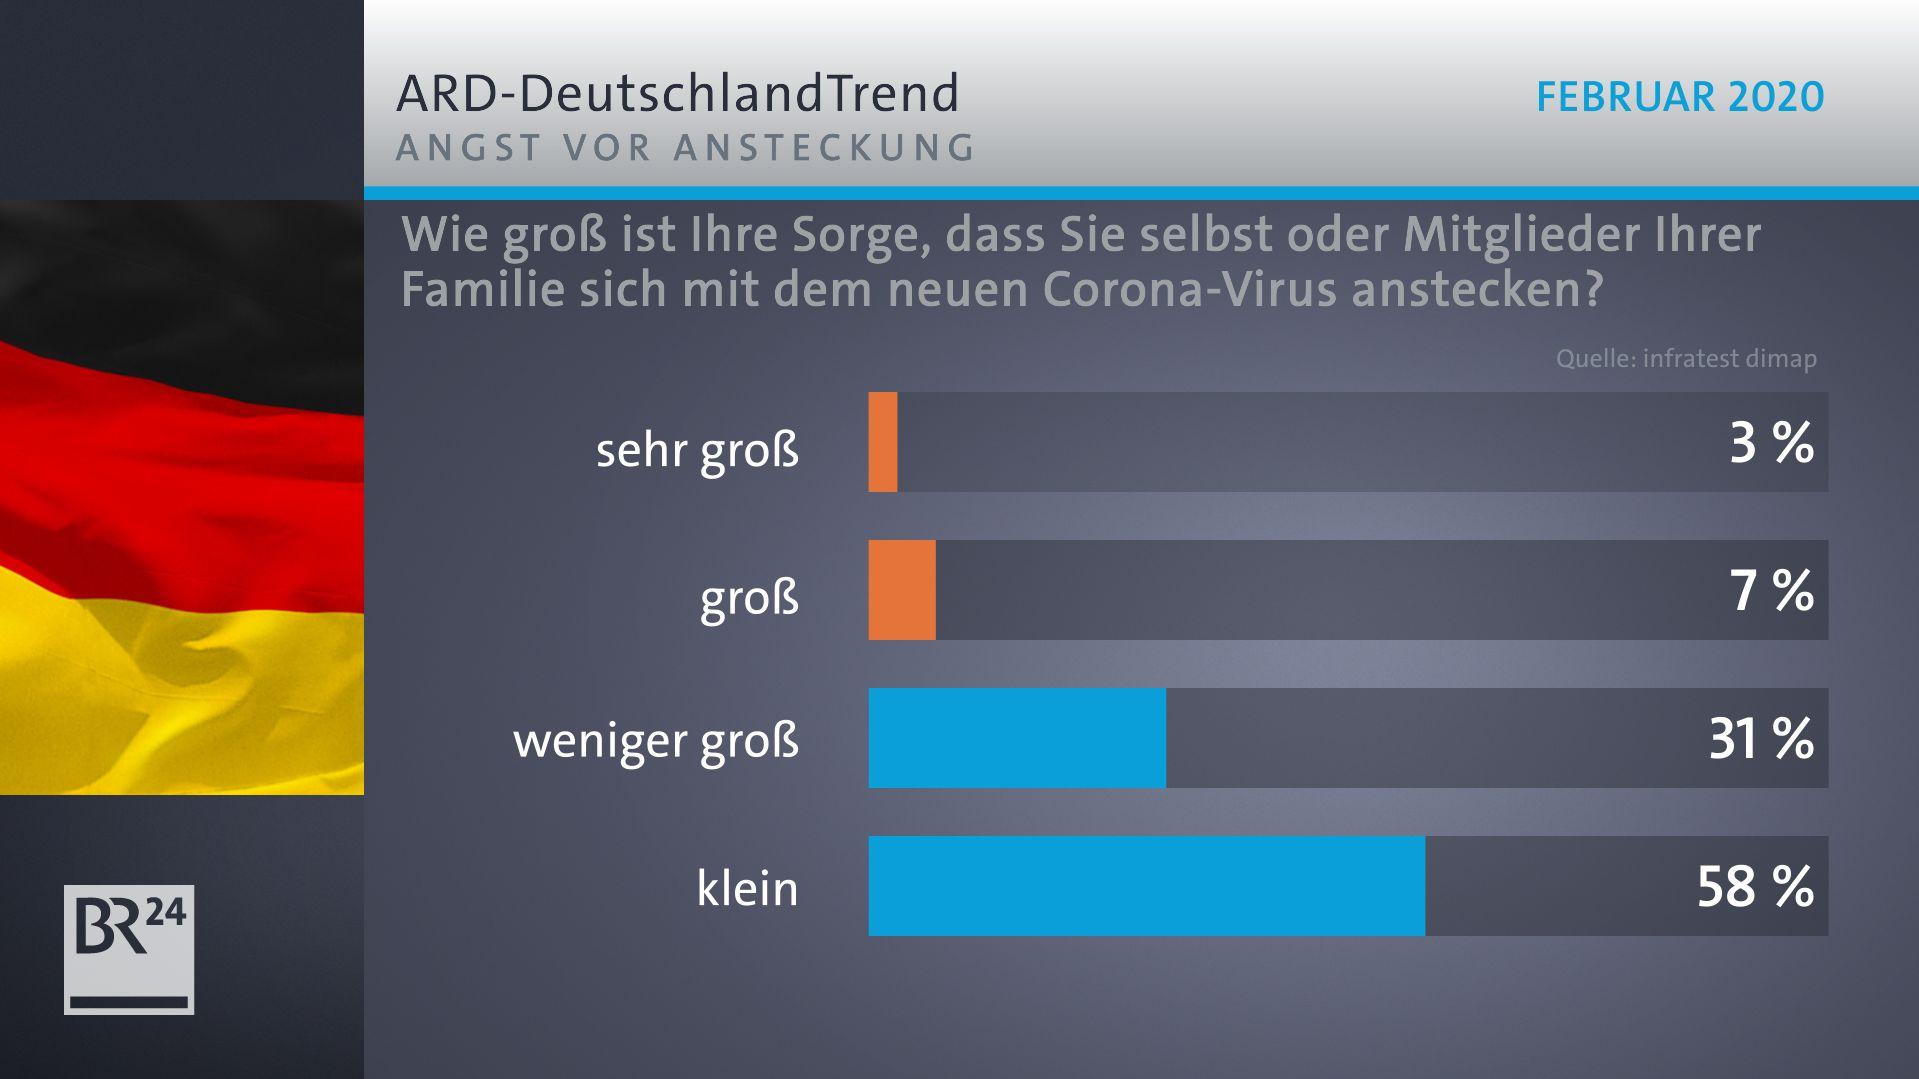 ARD-Deutschland-Trend zur Angst vor Ansteckung mit dem Corona-Virus.